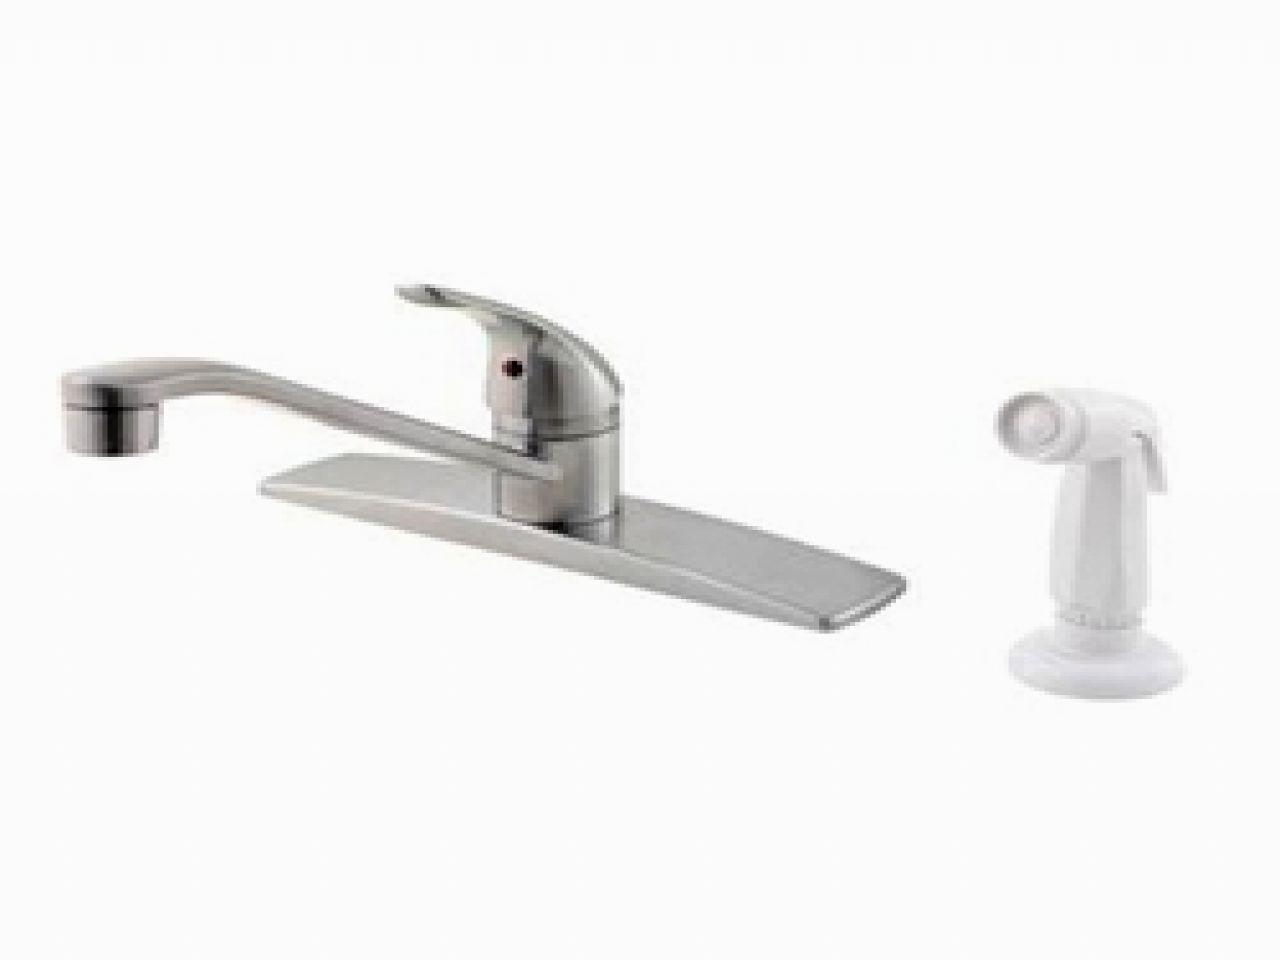 best pfister bathroom faucet model-Lovely Pfister Bathroom Faucet Online